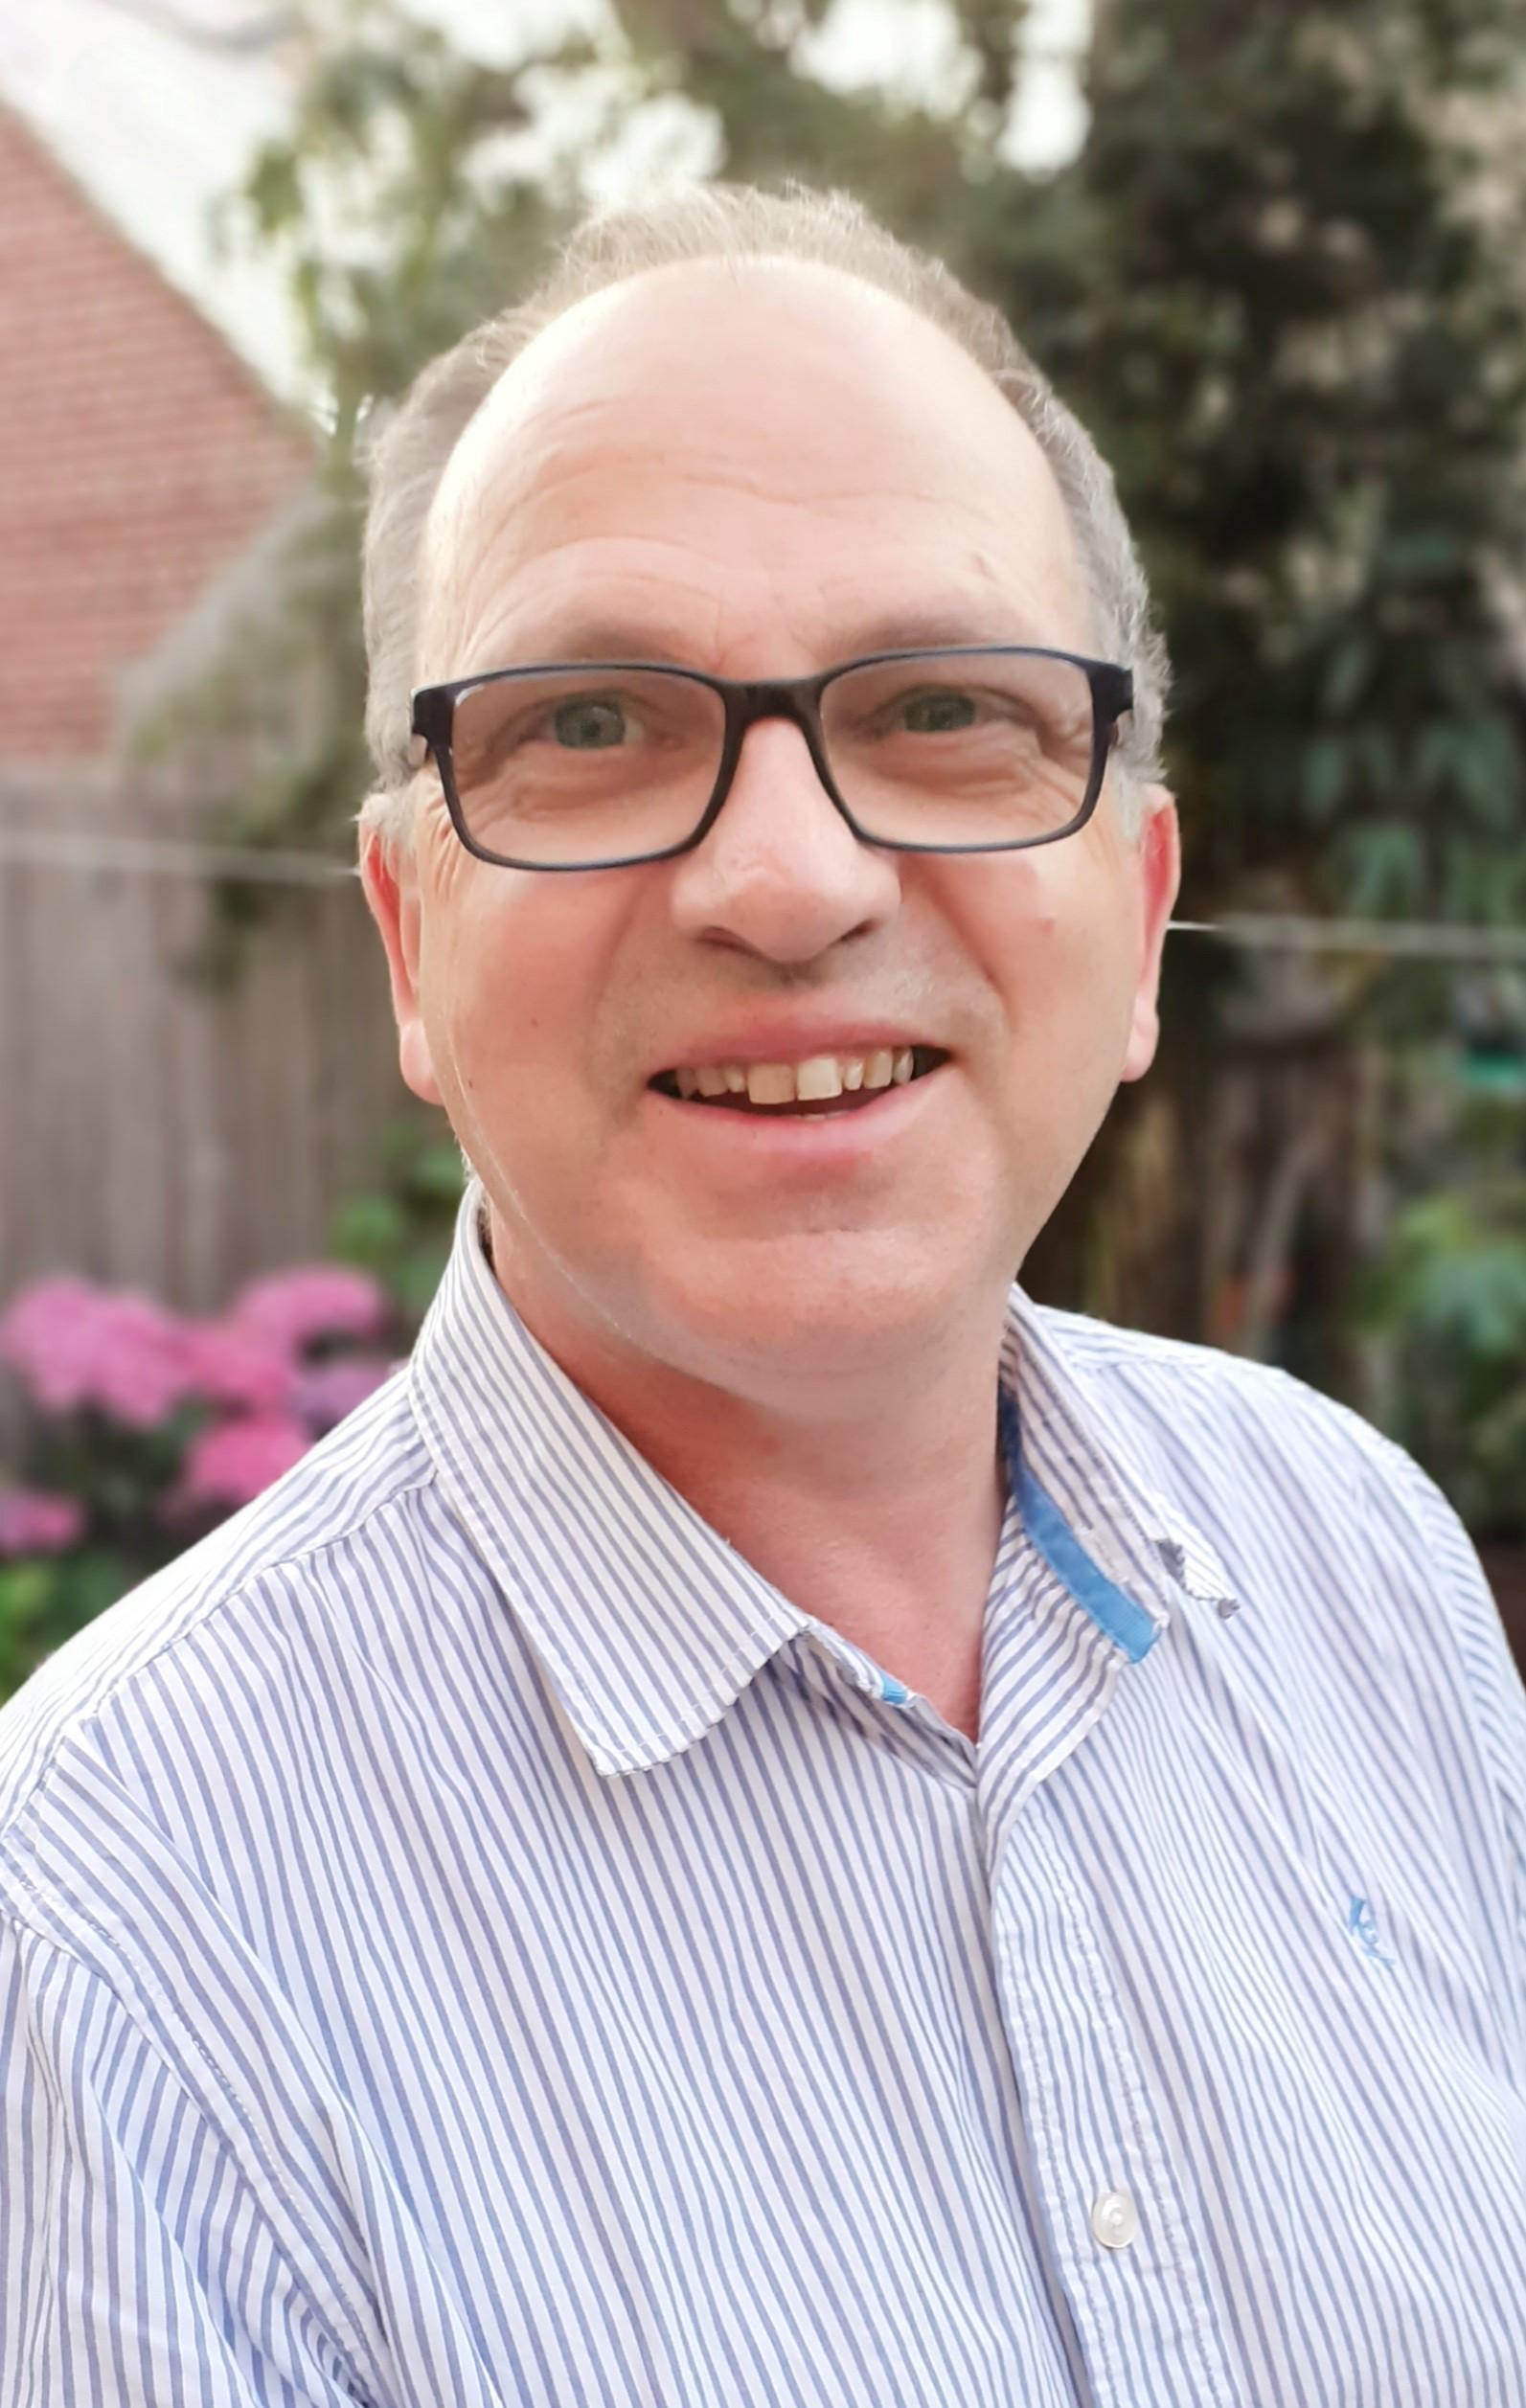 Keith Oulton